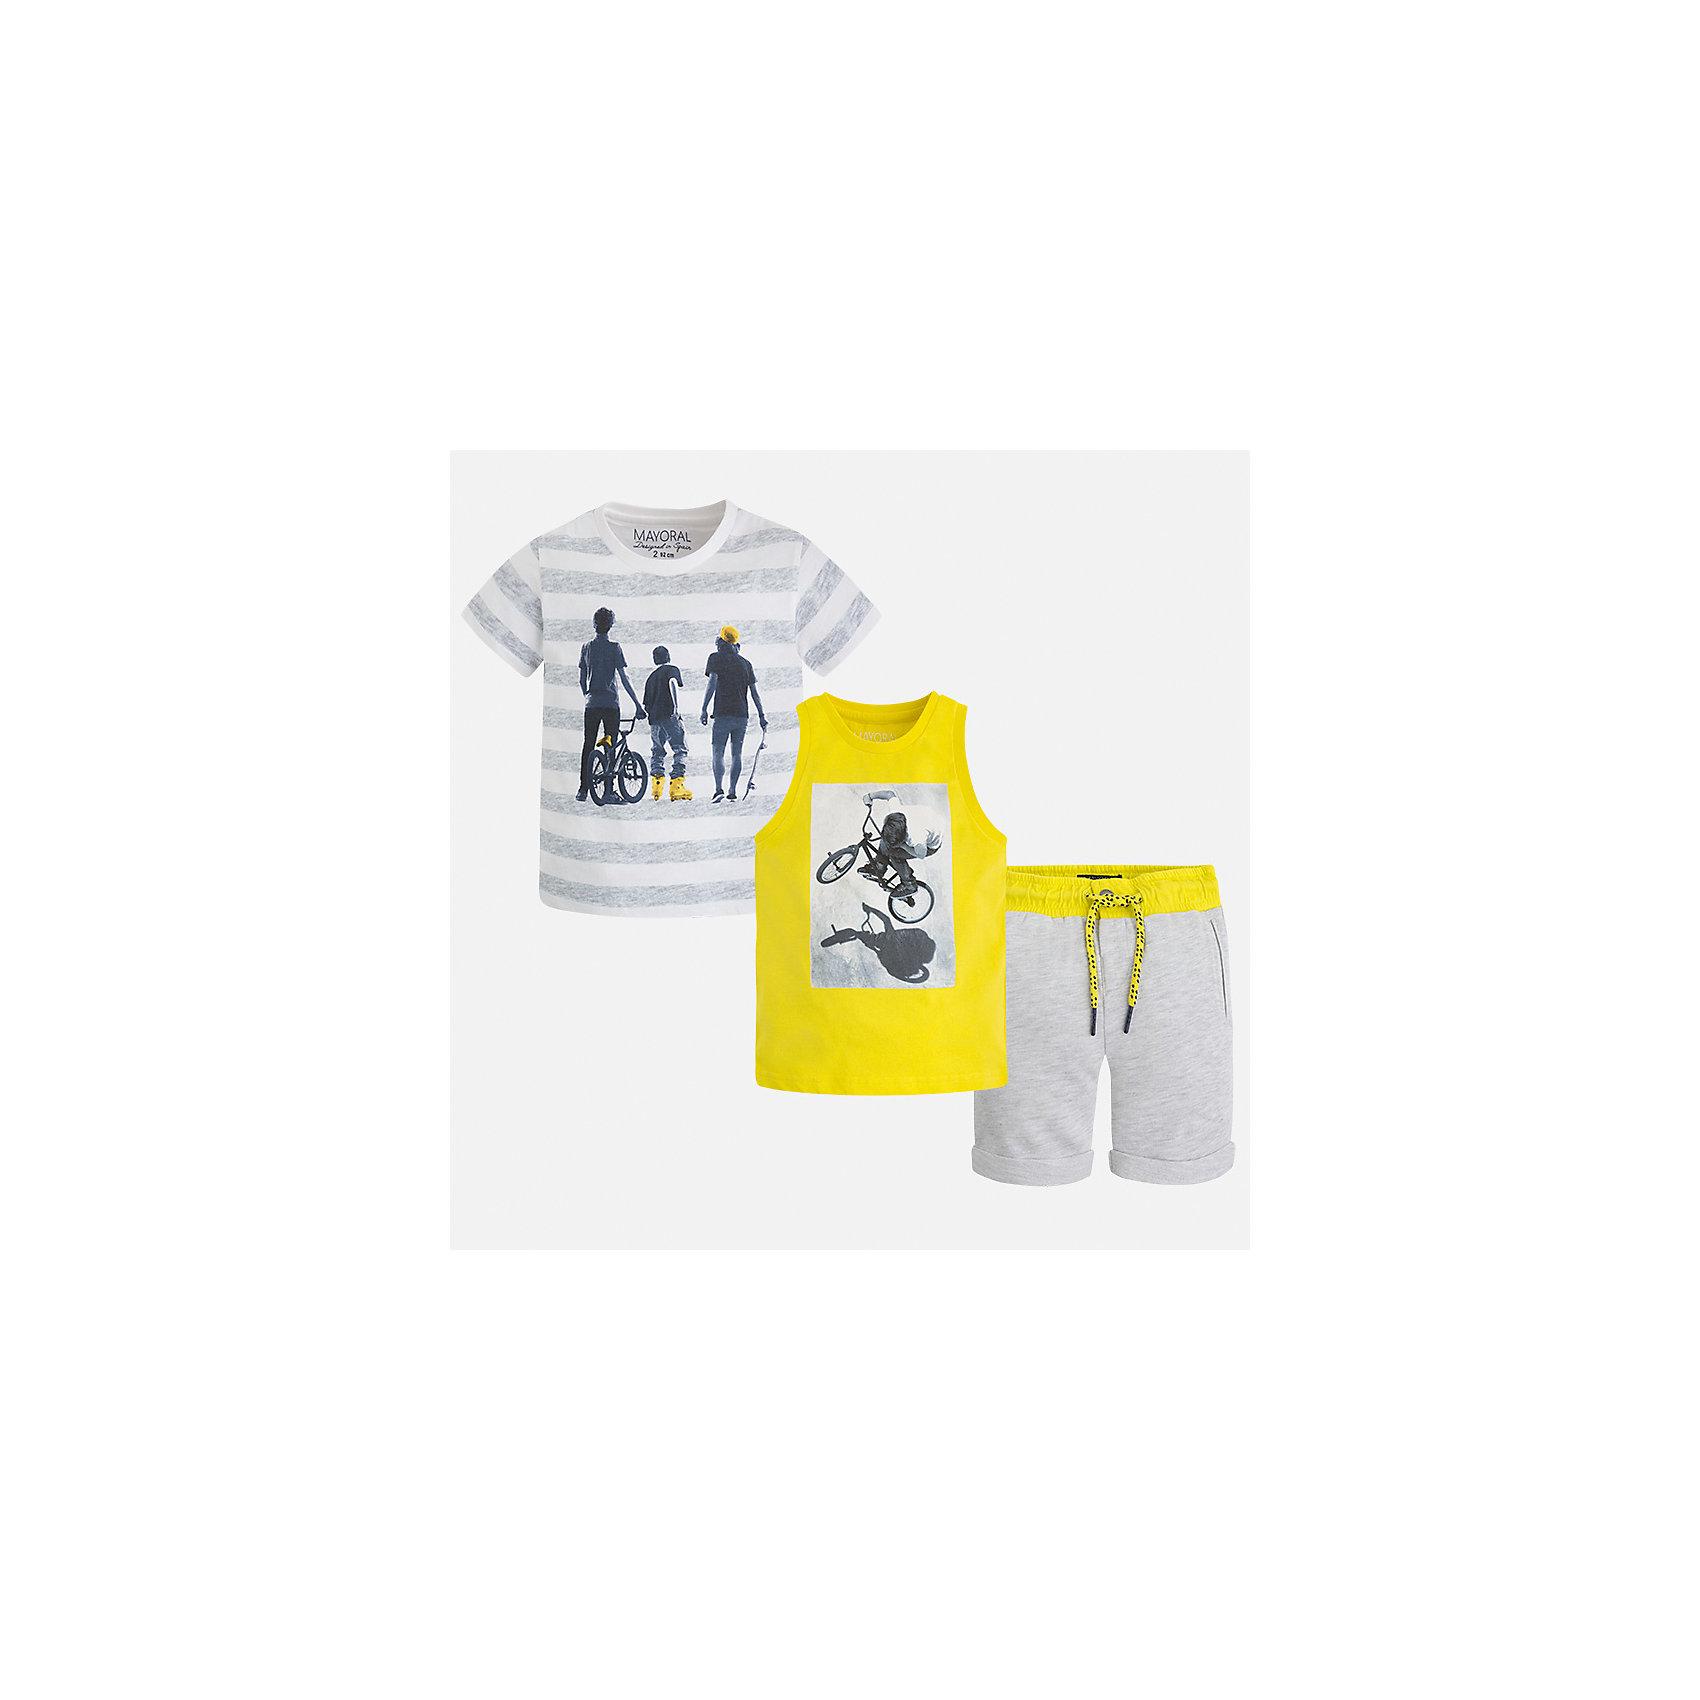 Комплект: футболка, майка и шорты для мальчика MayoralКомплекты<br>Характеристики товара:<br><br>• цвет: серый/жёлтый<br>• состав: 100% хлопок<br>• комплектация: шорты, футболка, майка<br>• круглый горловой вырез<br>• футболка декорированы принтом<br>• короткие рукава<br>• шорты - пояс со шнурком<br>• страна бренда: Испания<br><br>Стильная удобная футболка с принтом и шорты с майкой помогут разнообразить гардероб мальчика и удобно одеться. Универсальный цвет позволяет подобрать к вещам верхнюю одежду практически любой расцветки. Интересная отделка модели делает её нарядной и оригинальной. В составе материала - только натуральный хлопок, гипоаллергенный, приятный на ощупь, дышащий.<br><br>Одежда, обувь и аксессуары от испанского бренда Mayoral полюбились детям и взрослым по всему миру. Модели этой марки - стильные и удобные. Для их производства используются только безопасные, качественные материалы и фурнитура. Порадуйте ребенка модными и красивыми вещами от Mayoral! <br><br>Комплект для мальчика от испанского бренда Mayoral (Майорал) можно купить в нашем интернет-магазине.<br><br>Ширина мм: 157<br>Глубина мм: 13<br>Высота мм: 119<br>Вес г: 200<br>Цвет: желтый<br>Возраст от месяцев: 48<br>Возраст до месяцев: 60<br>Пол: Мужской<br>Возраст: Детский<br>Размер: 122,116,104,98,110,92,134,128<br>SKU: 5280973